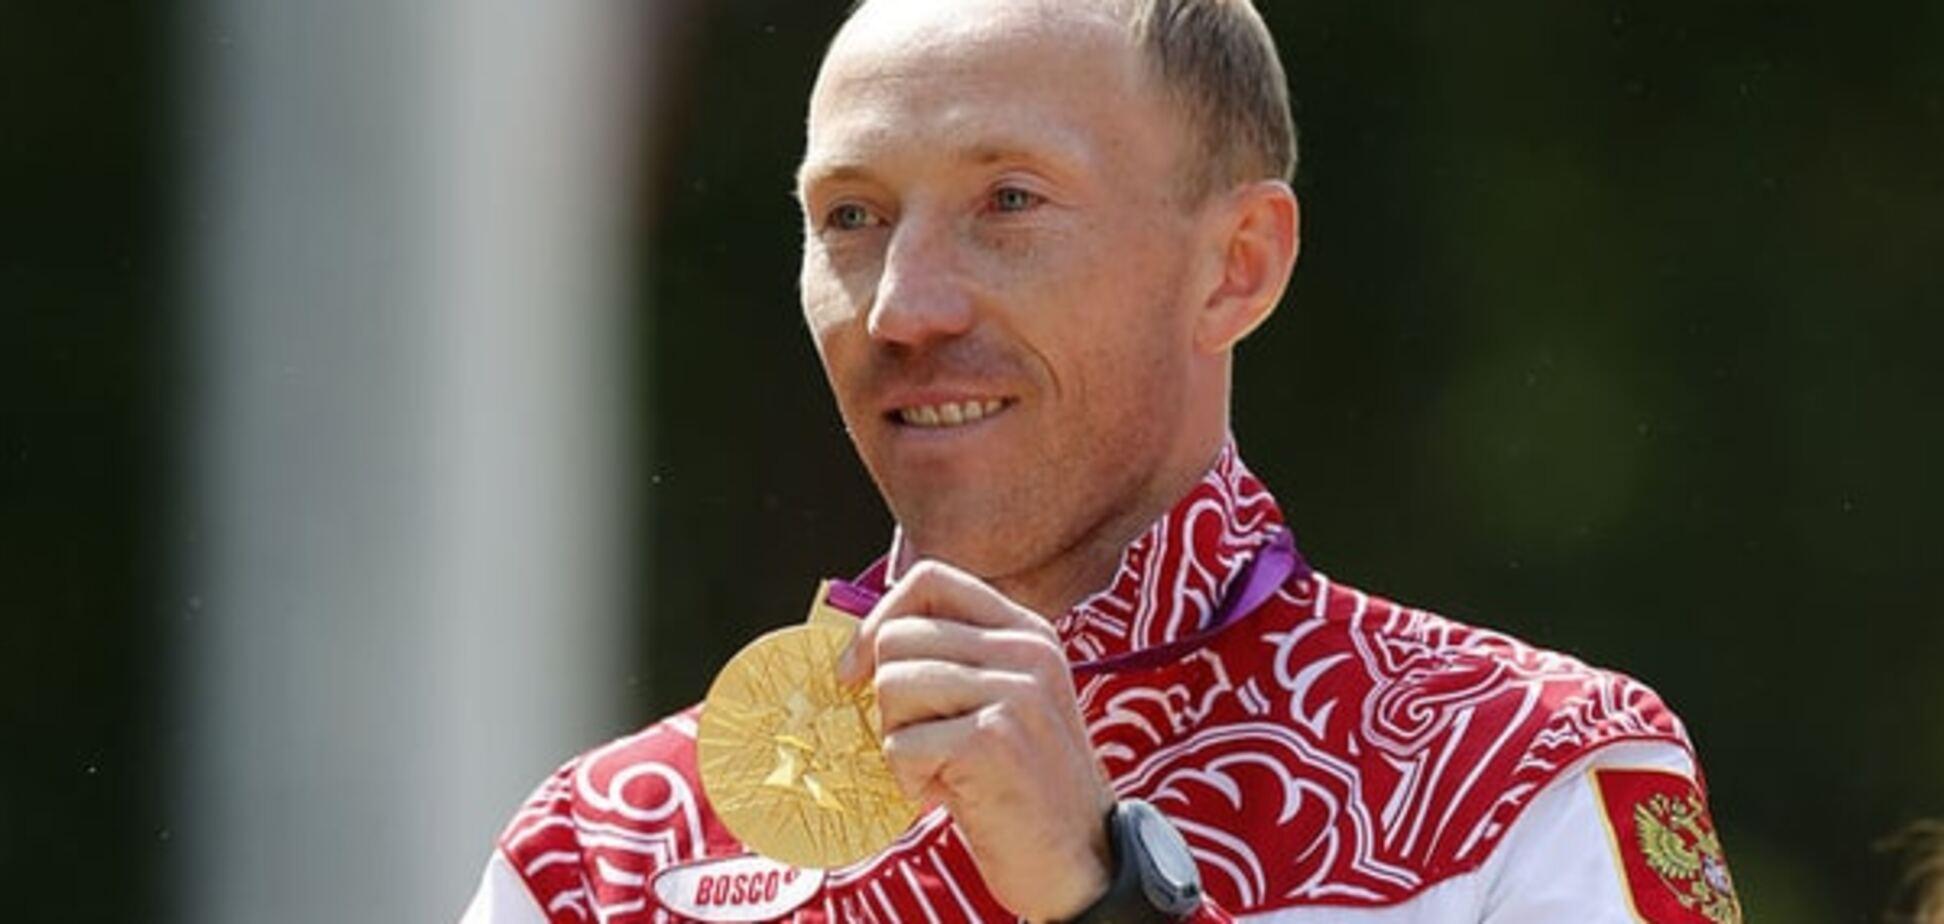 Это залет! Российские чемпионы Олимпиады дали крупную взятку для скрытия допинга